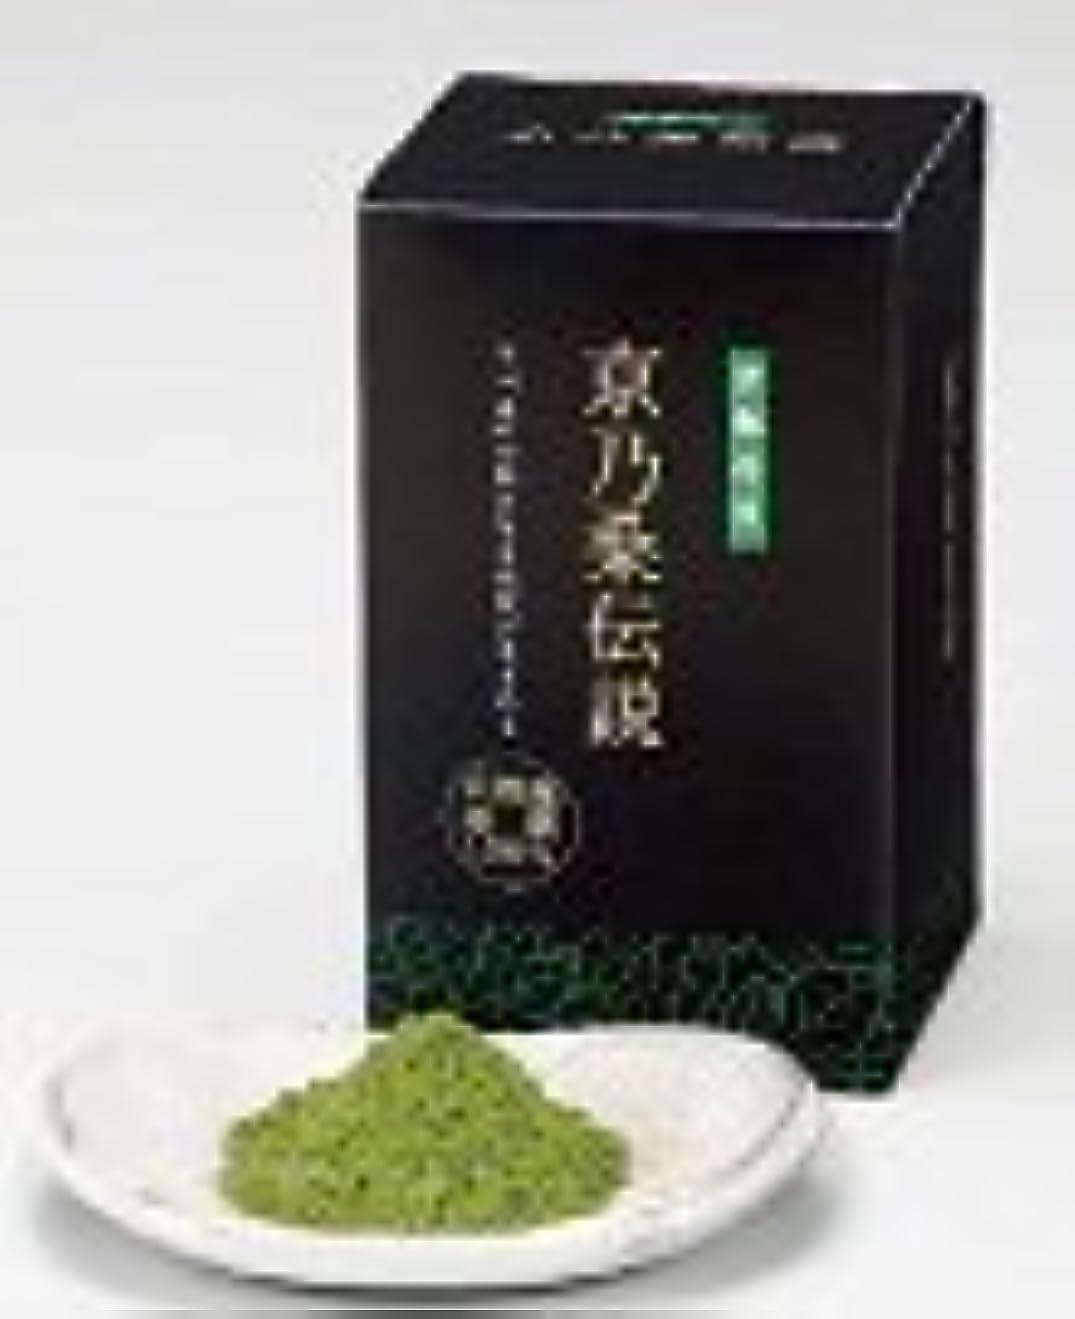 ビット提供された手書き京乃桑伝説(桑の葉粉茶、青汁)30袋入り 2箱まとめ買い